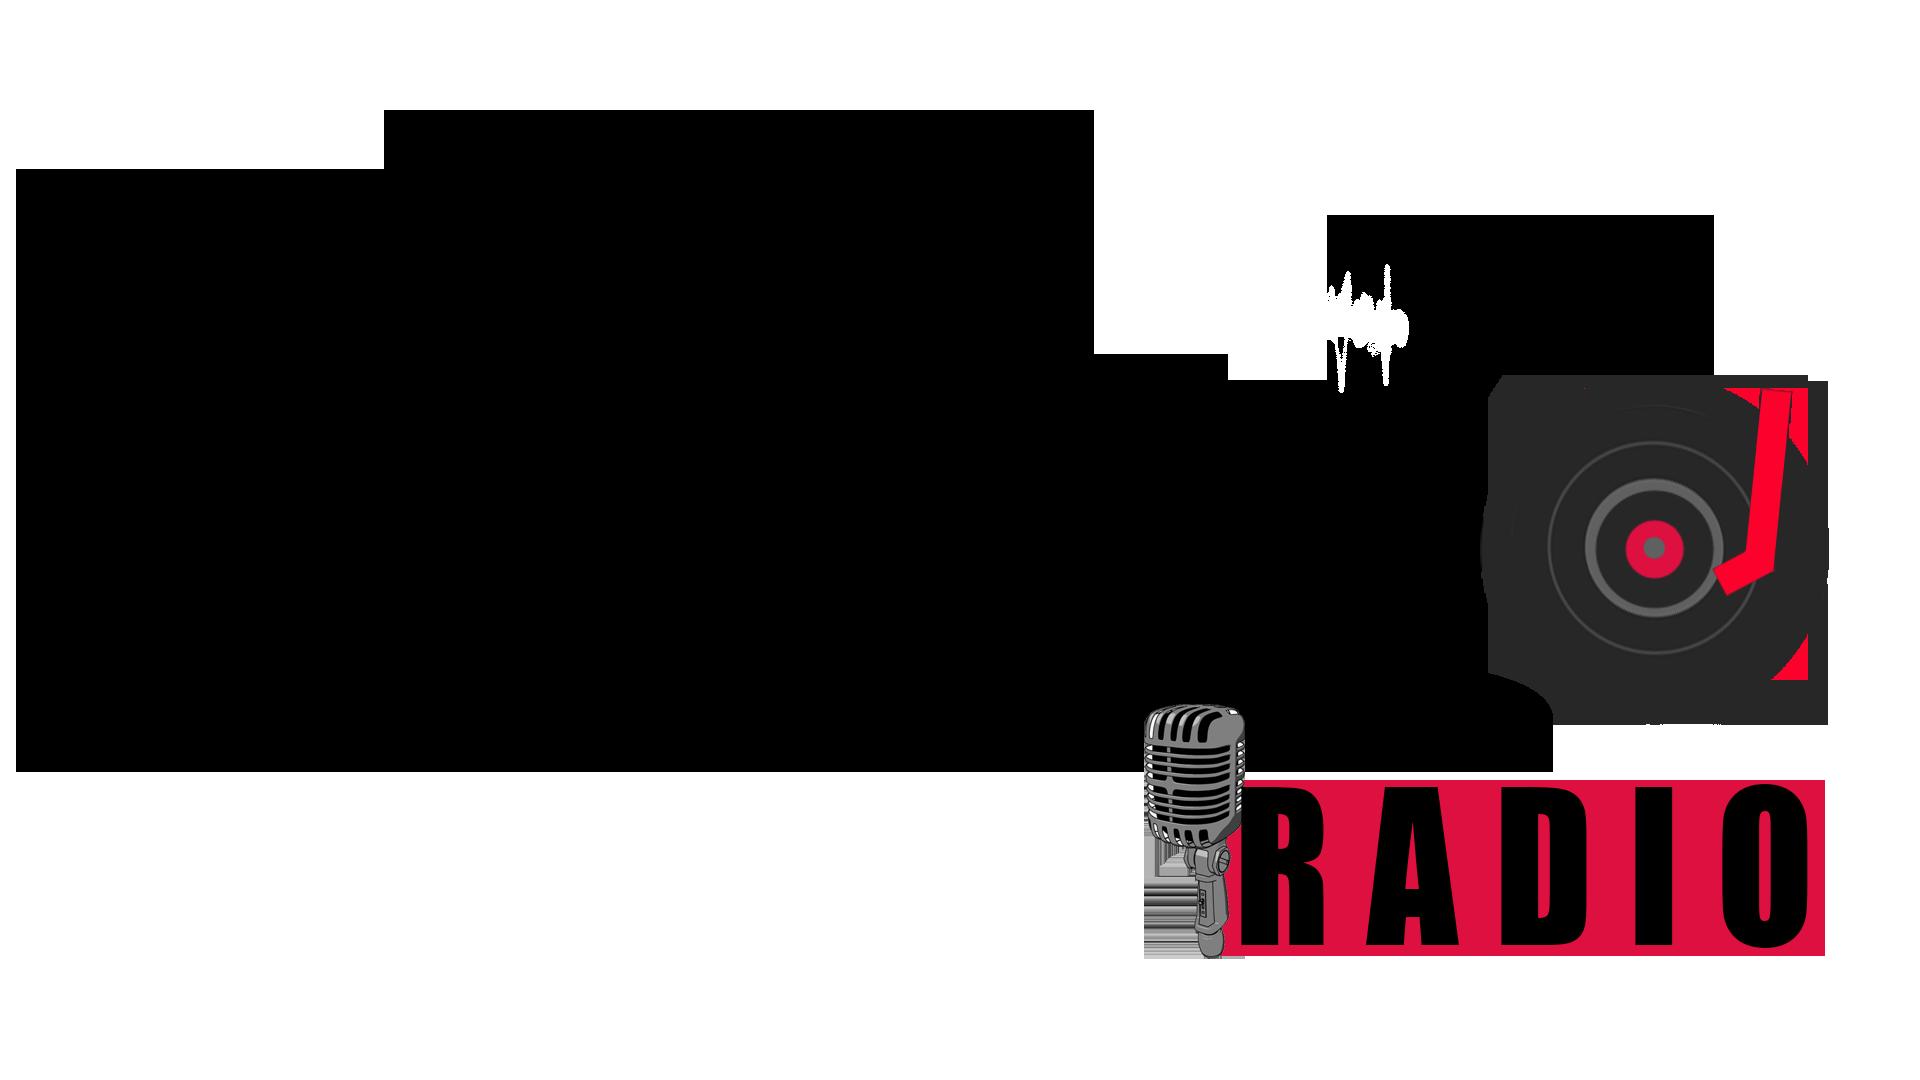 Areito Radio